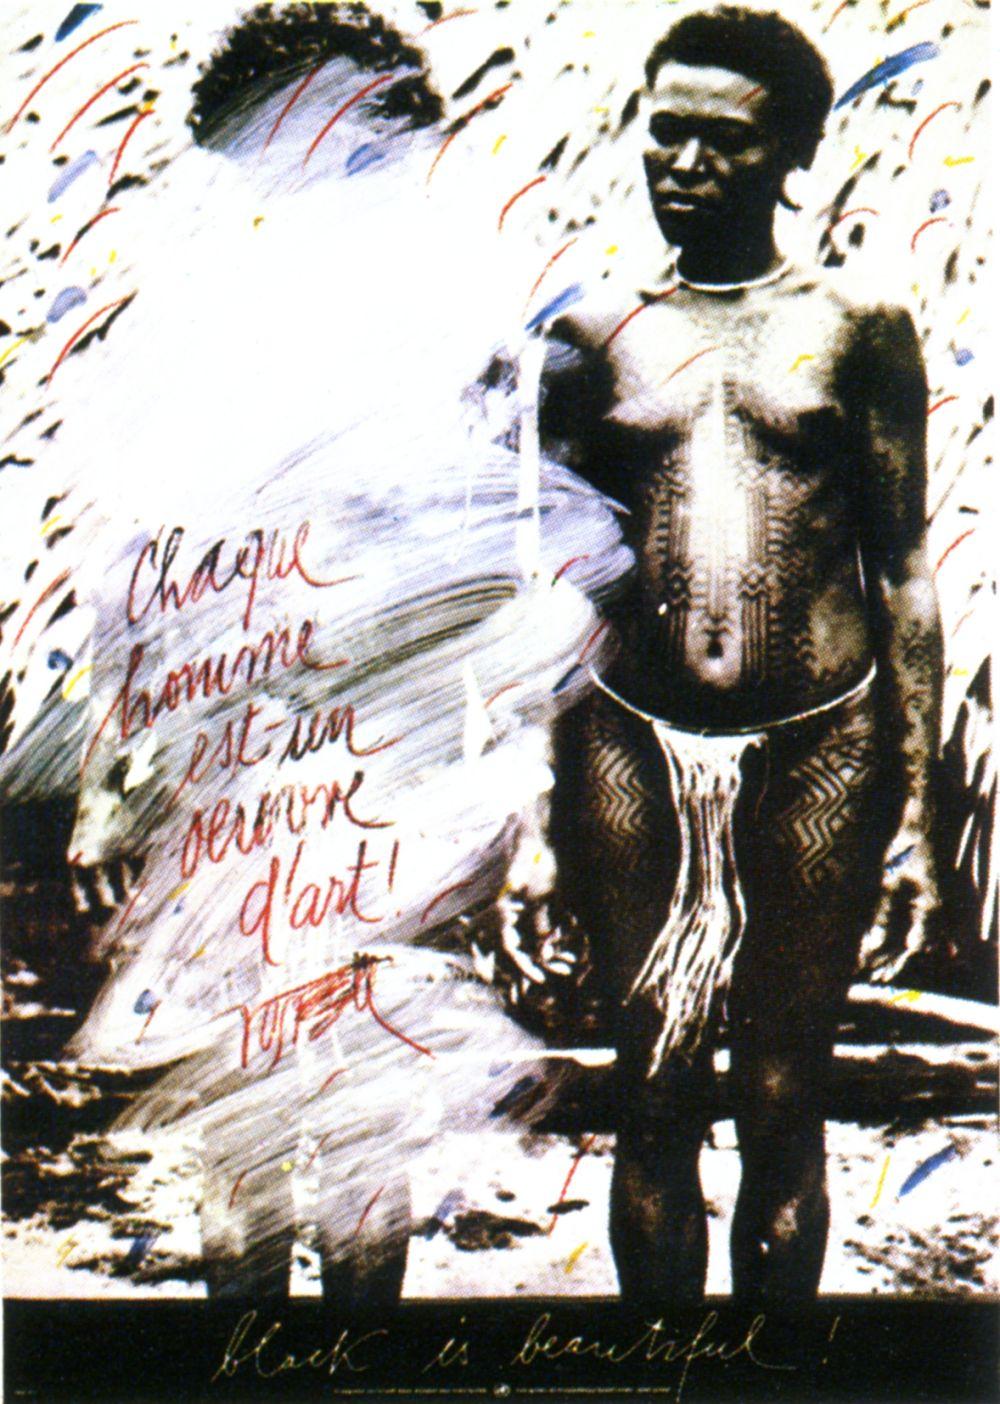 Wolf Vostell Każdy człowiek to dzieło sztuki, czarne jest piękne!, 1983, plakat offsetowy, 85 x 60 cm, Kolekcja CGII – inv. OE 989 ©VG Bild-Kunst, Bonn 2015 (źródło: materiały prasowe)